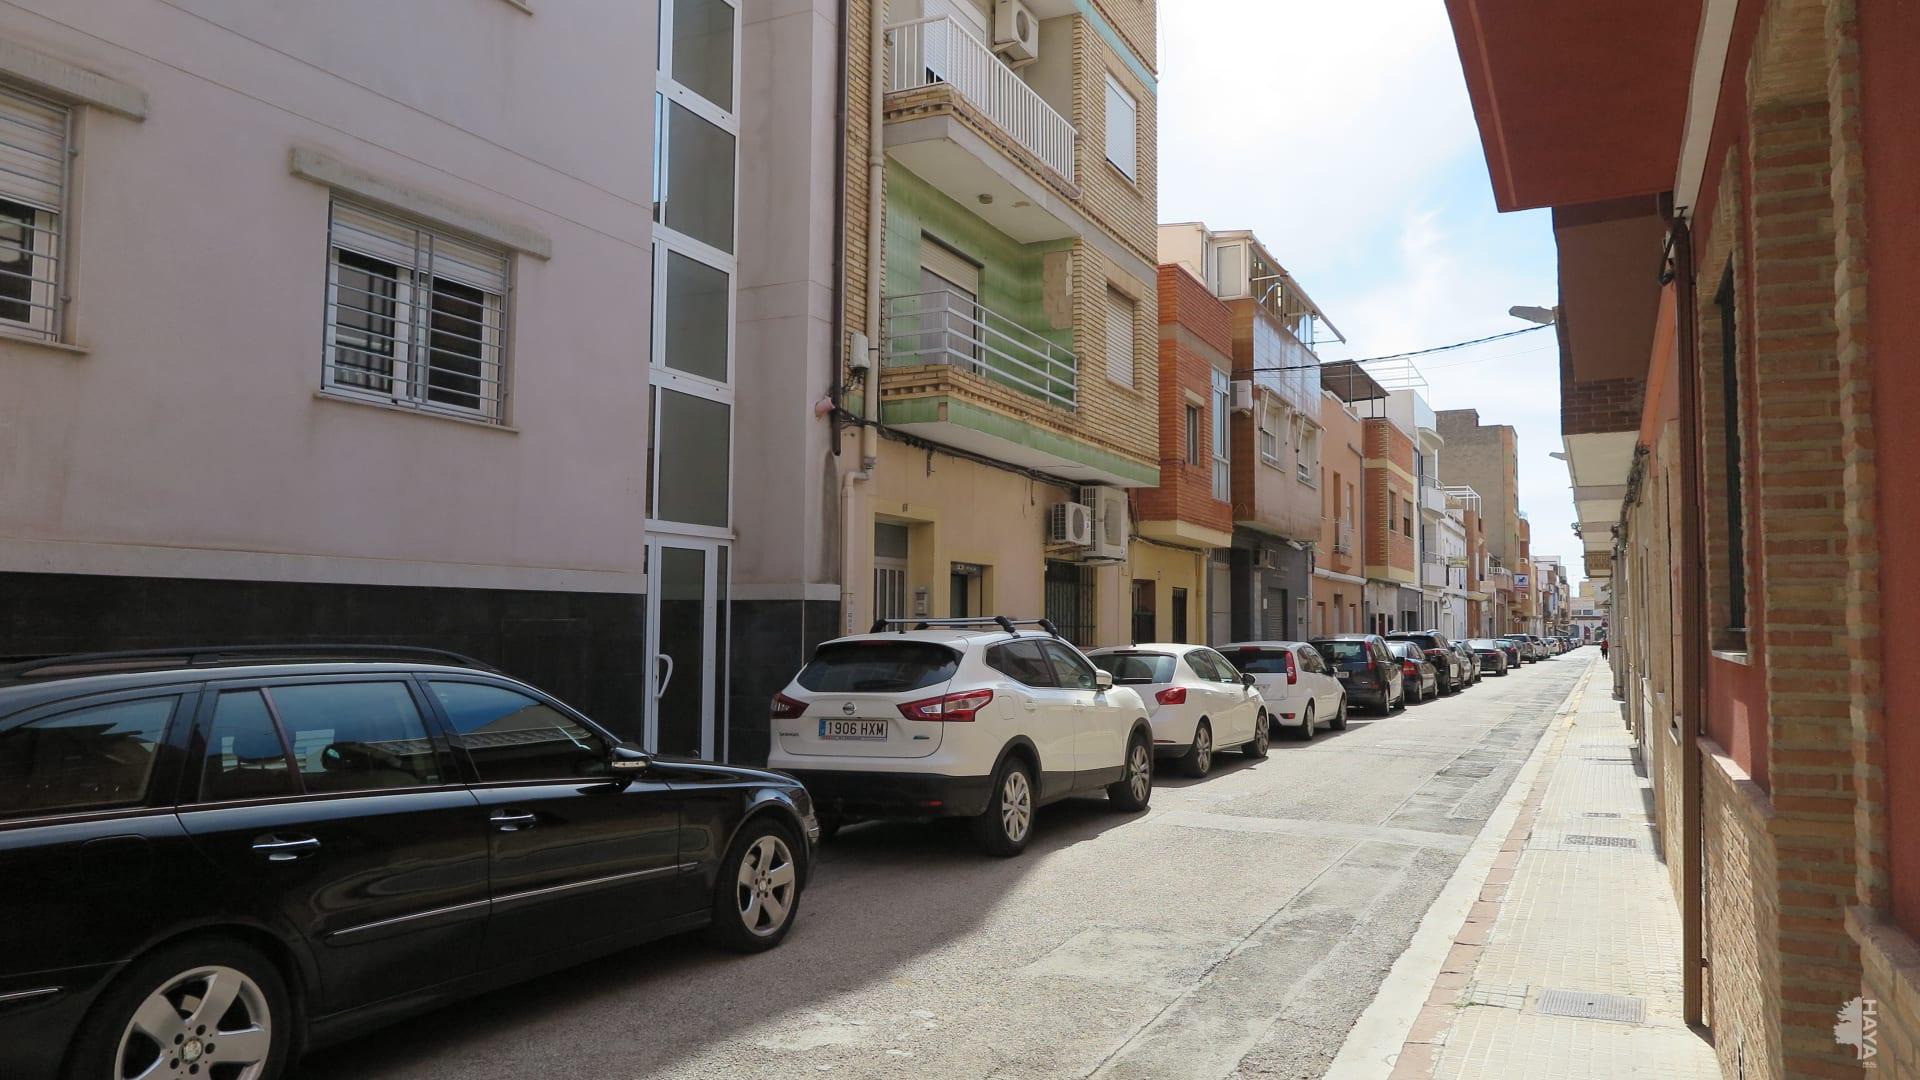 Piso en venta en Sagunto/sagunt, Valencia, Calle Segorbe, 52.815 €, 3 habitaciones, 1 baño, 106 m2